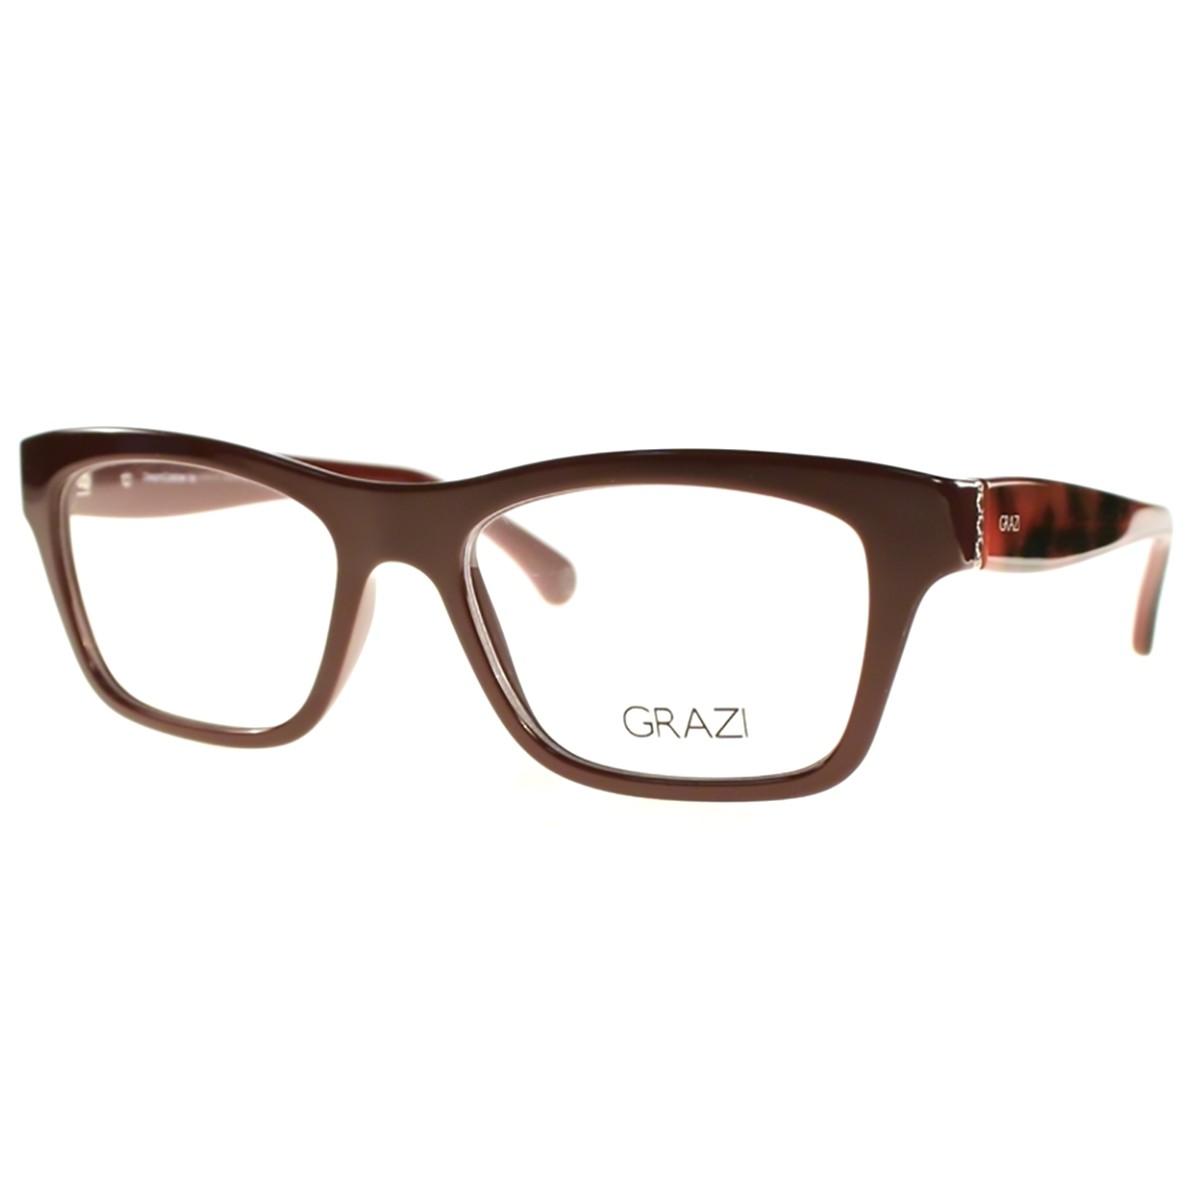 e3f74c17f2bb7 Compre Óculos de Grau Grazi Massafera em 10X